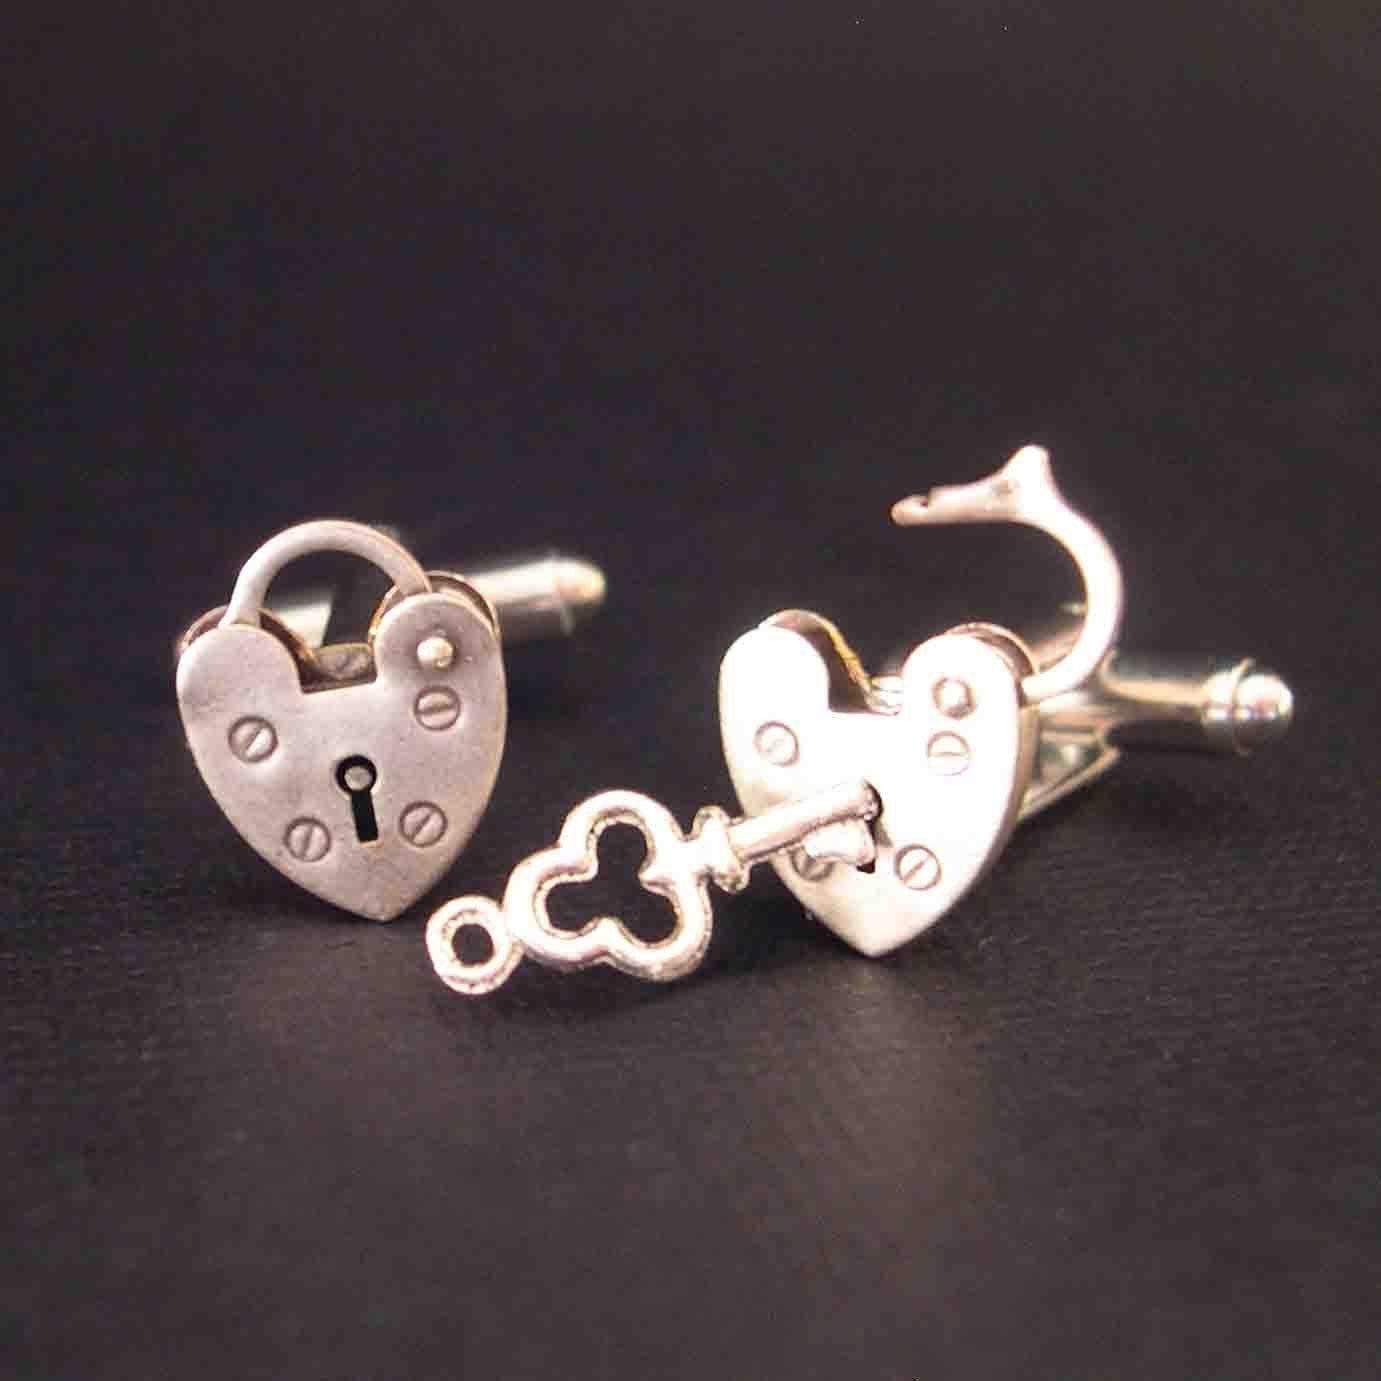 Mini+Opening+Closing+Vintage+Padlock+Cufflinks++Unlock+by+YOUgNeek ...